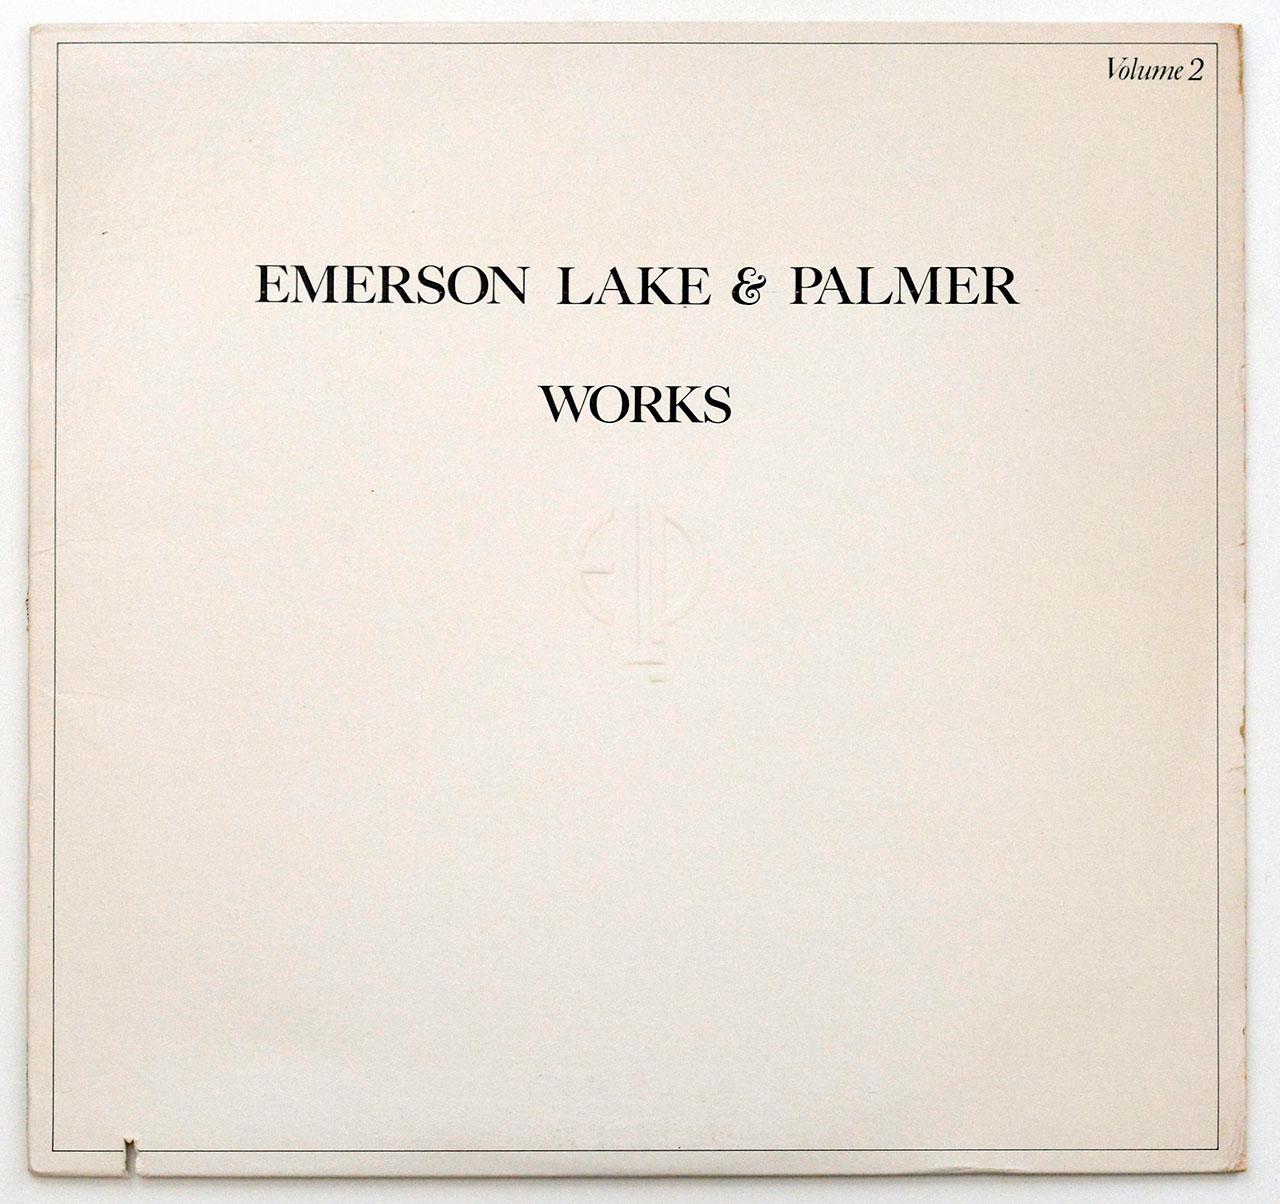 A0710 EMERSON LAKE & PALMER Works Volume 2